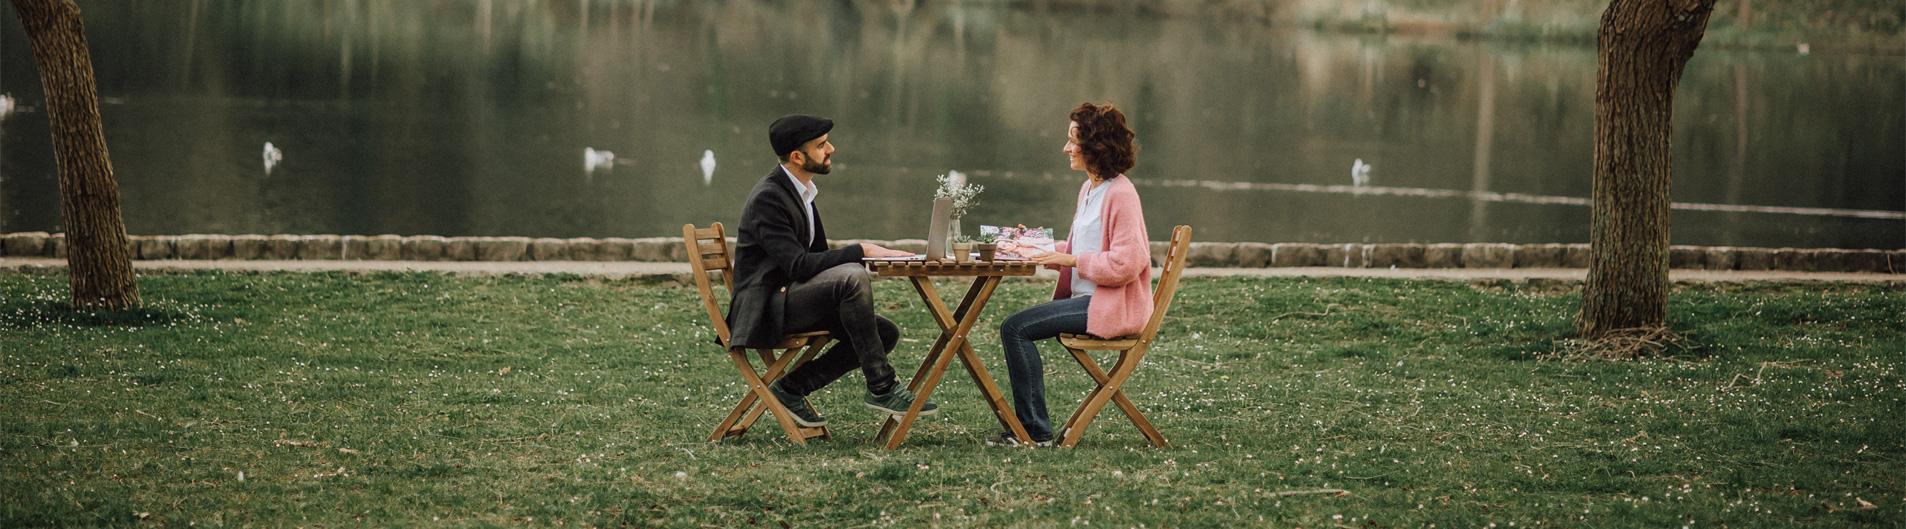 somos life moments design, wedding planner bilbao bizkaia